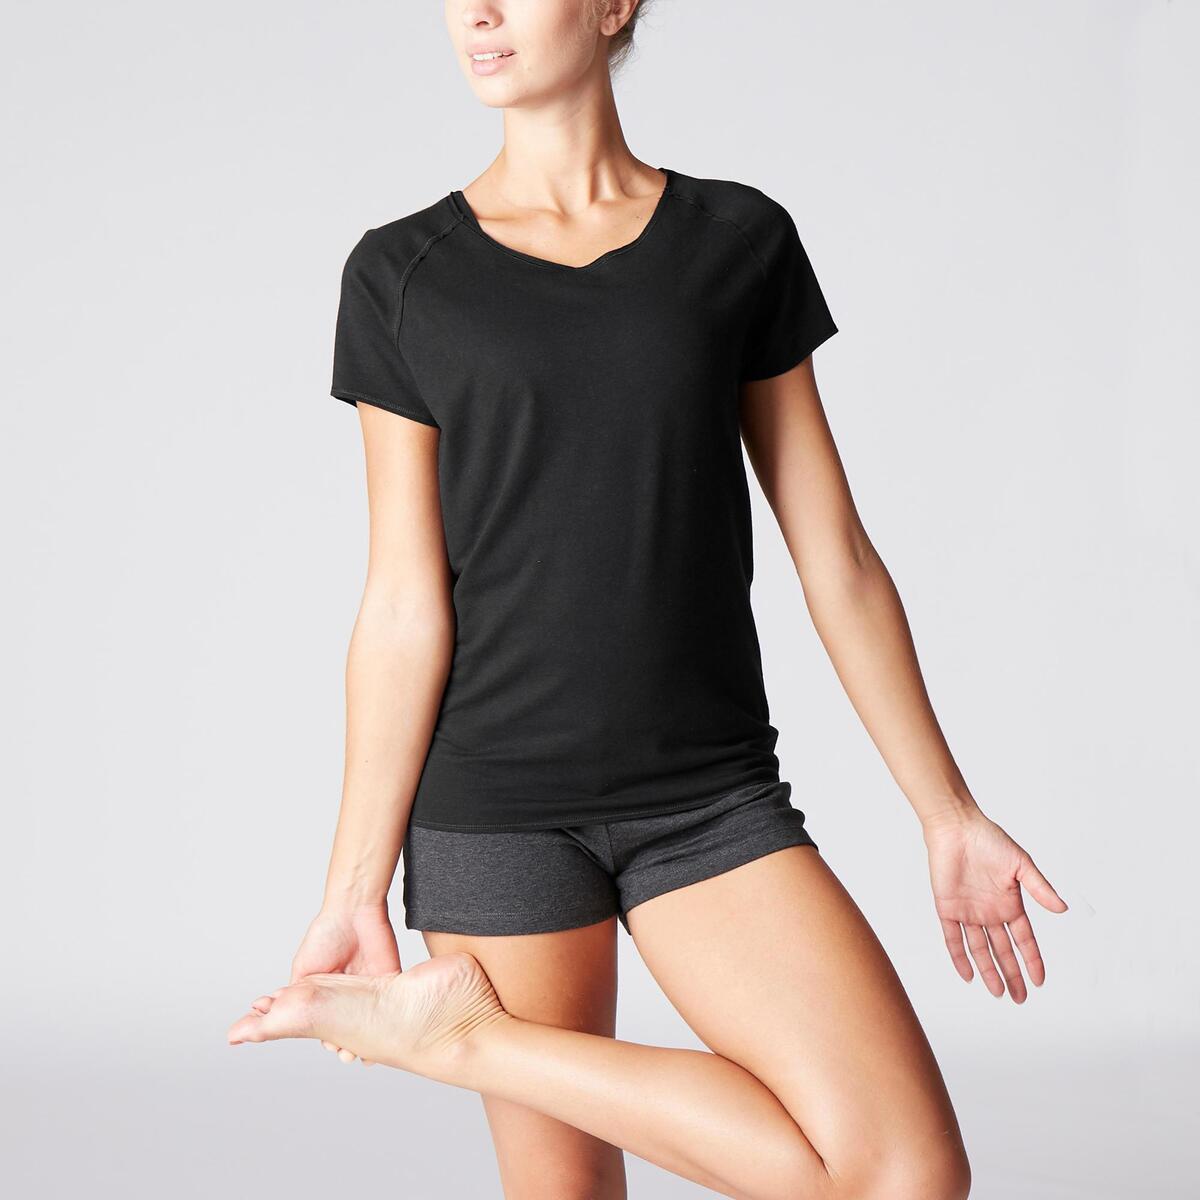 Bild 2 von T-Shirt sanftes Yoga aus Baumwolle aus biologischem Anbau Damen schwarz